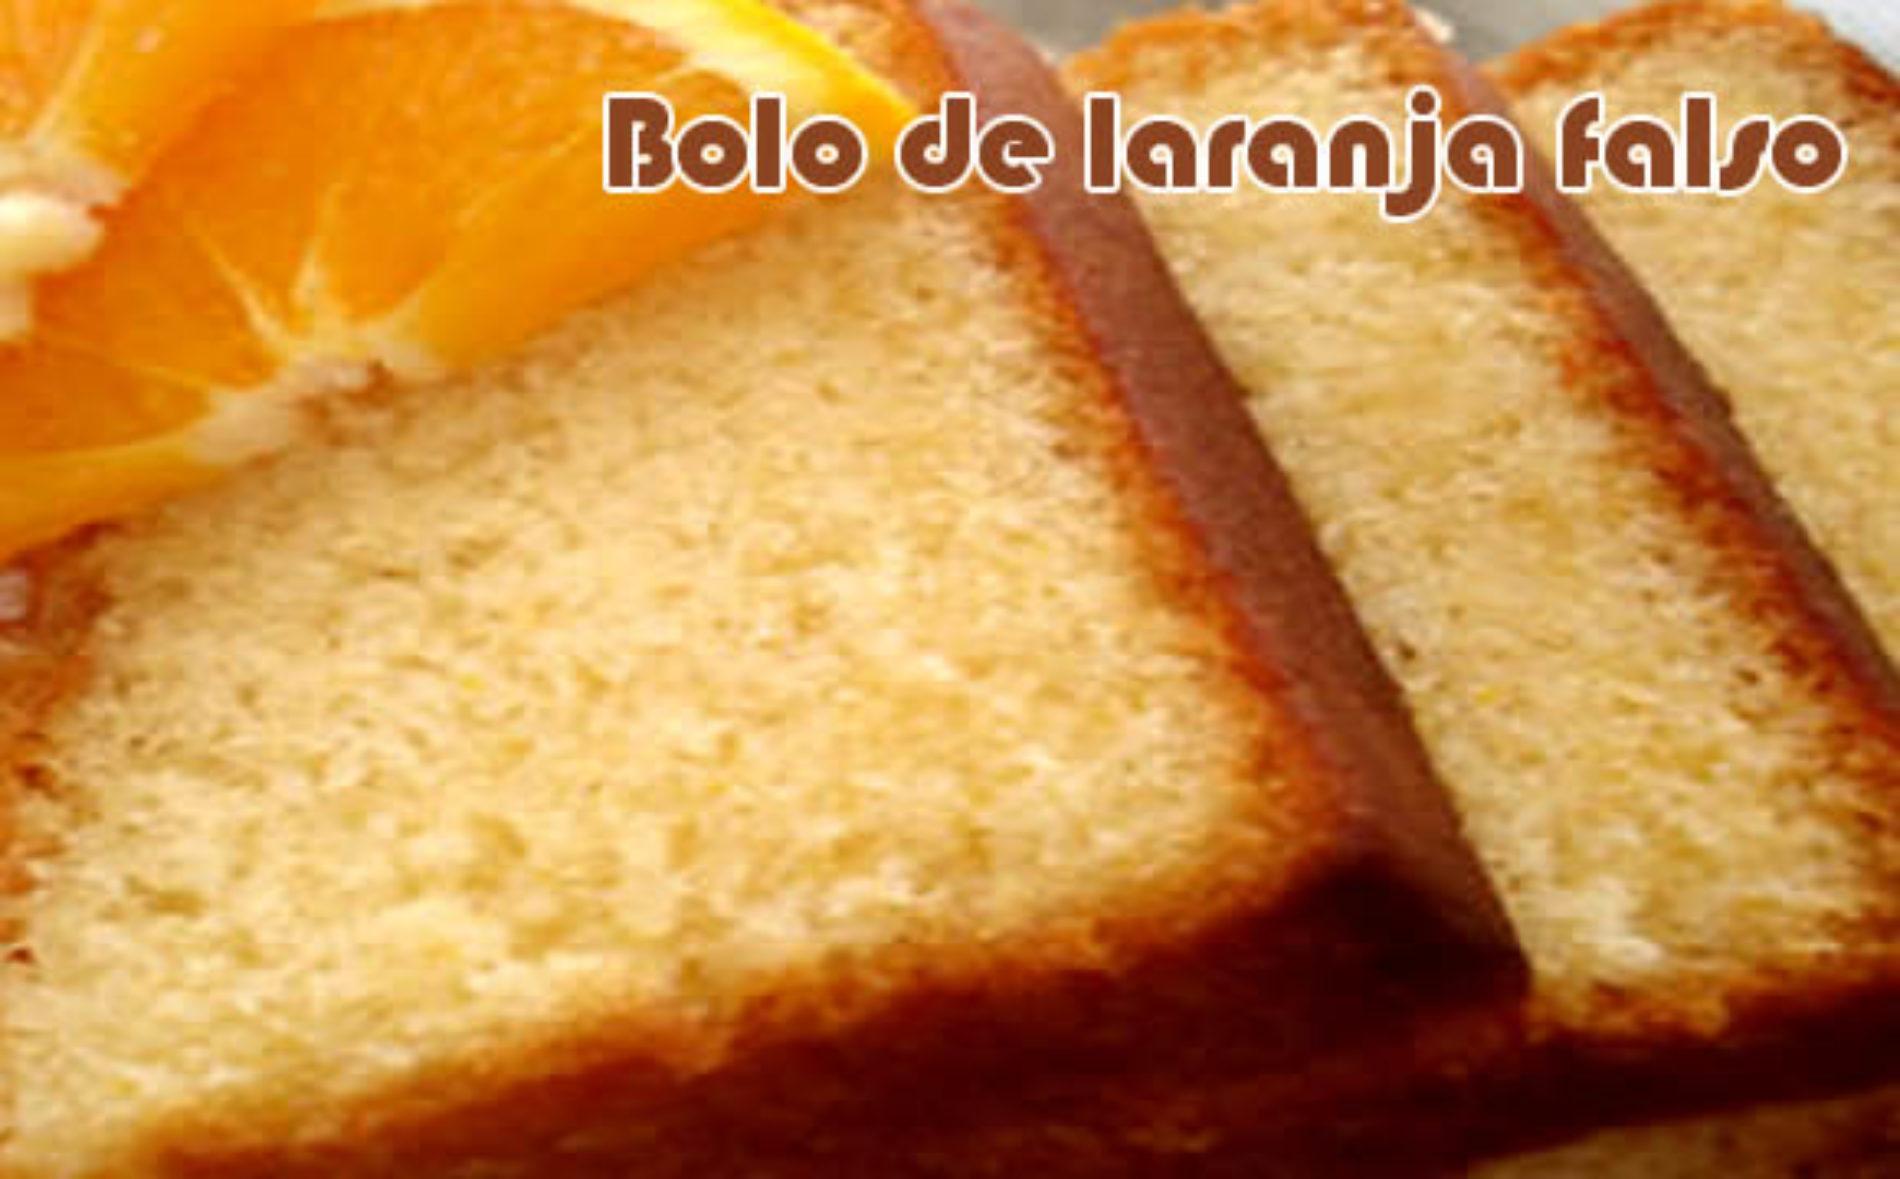 Bolo de laranja falso – Receita light com farelos